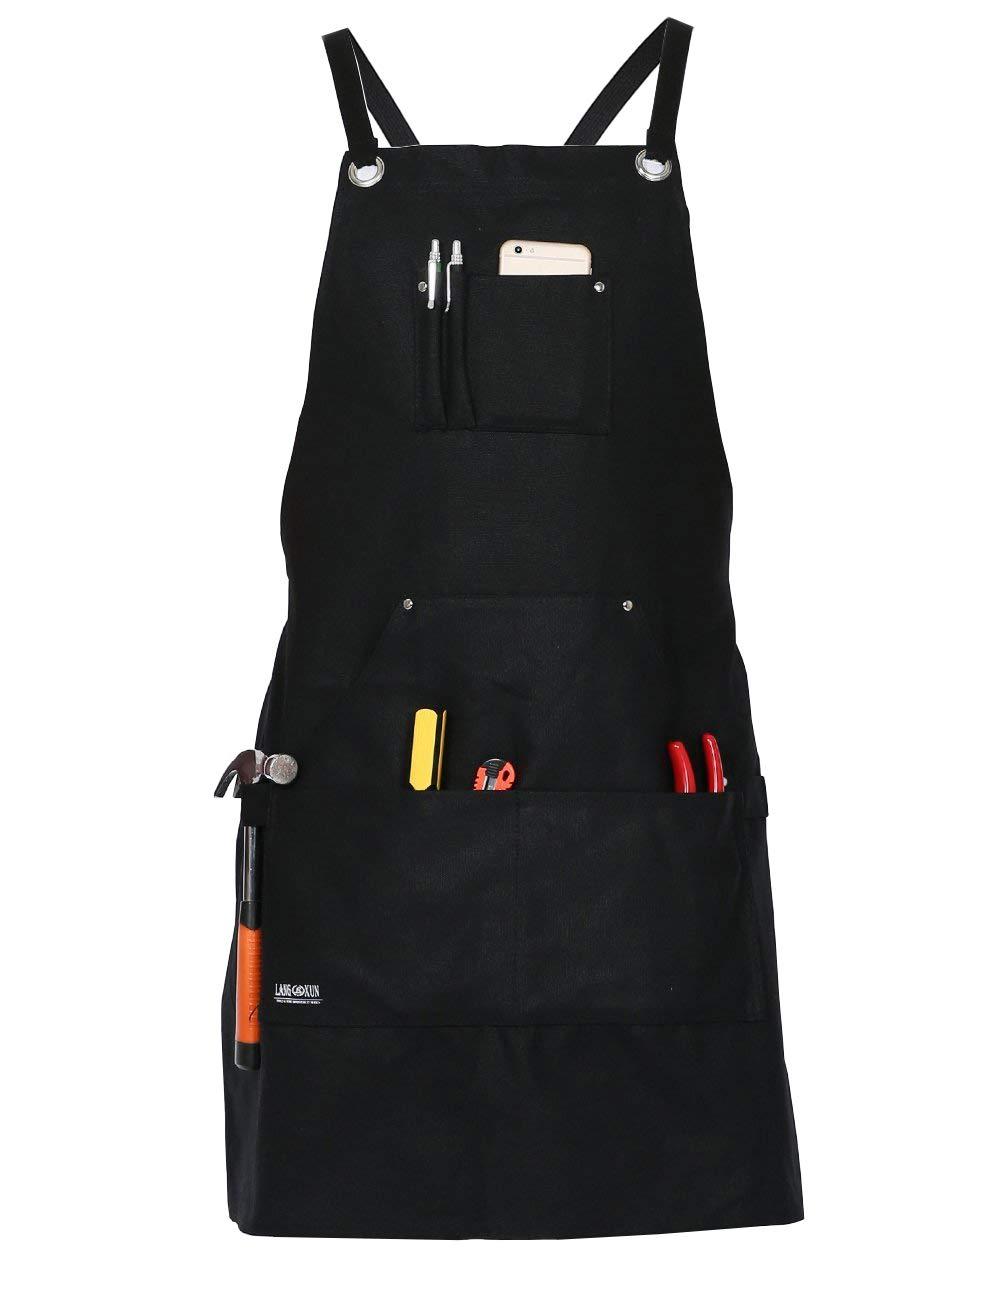 PILIN Grembiule da Lavoro/Cuoco in Tela Cerata Nera con Tasche per Utensili | Grembiule Cross-Back con Grembiule Leggero e Resistente e Regolabile per Uomo e Donna